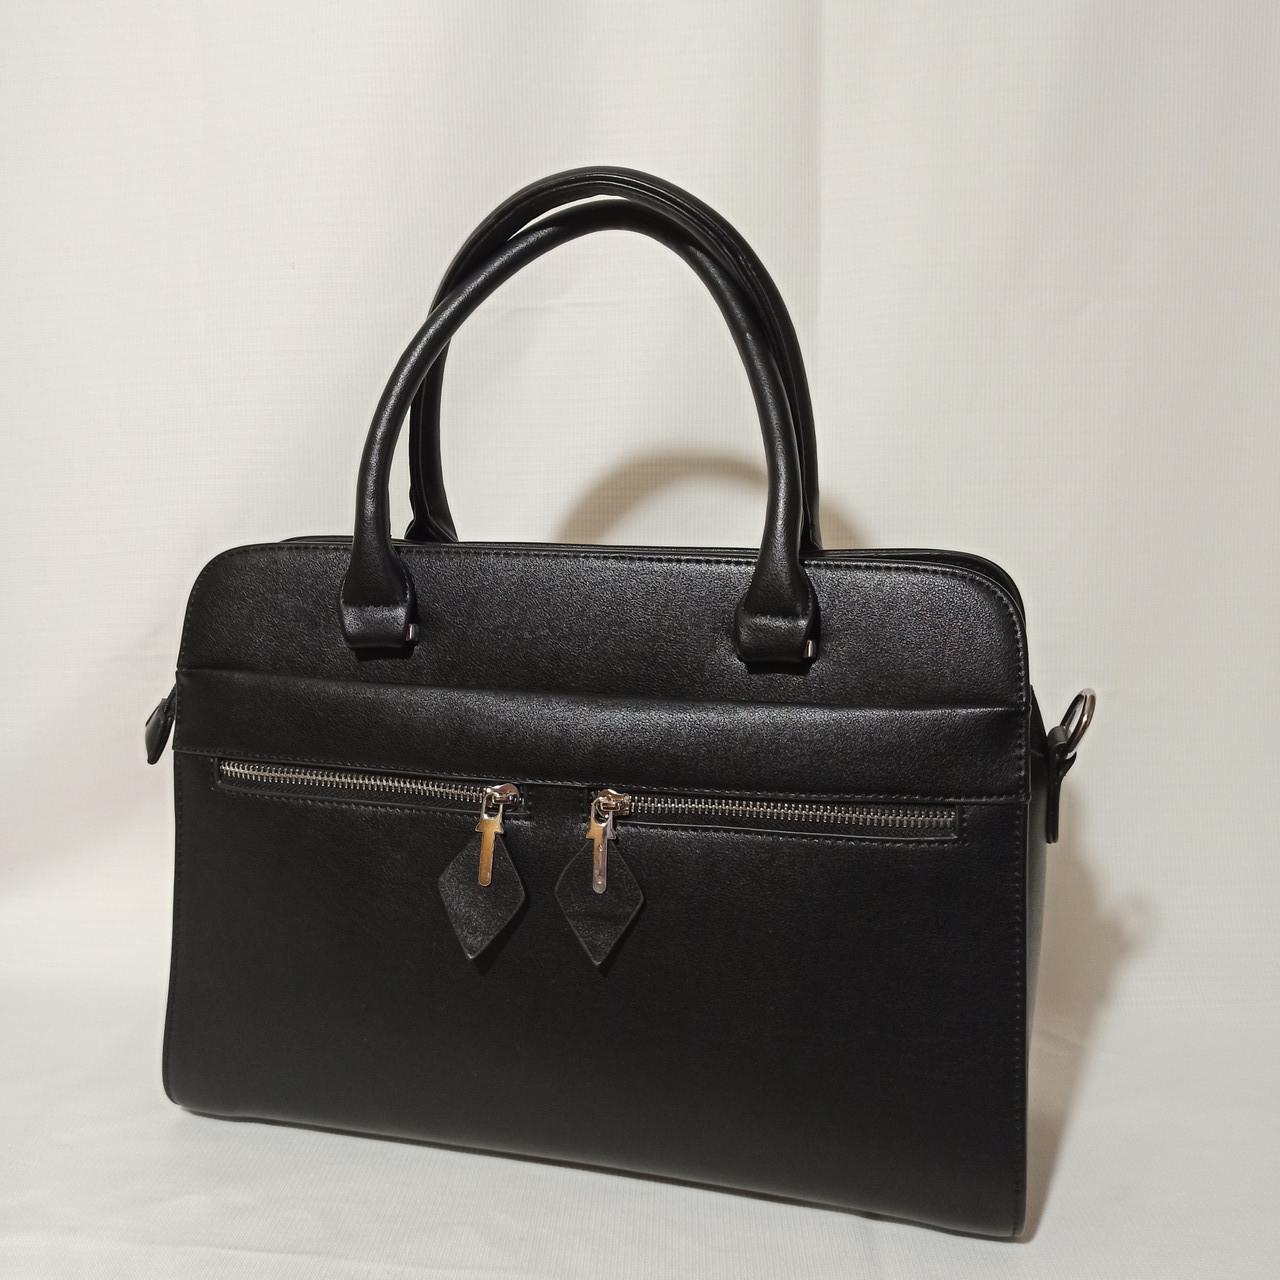 Класична жіноча сумка / Классическая женская сумка AHD8223